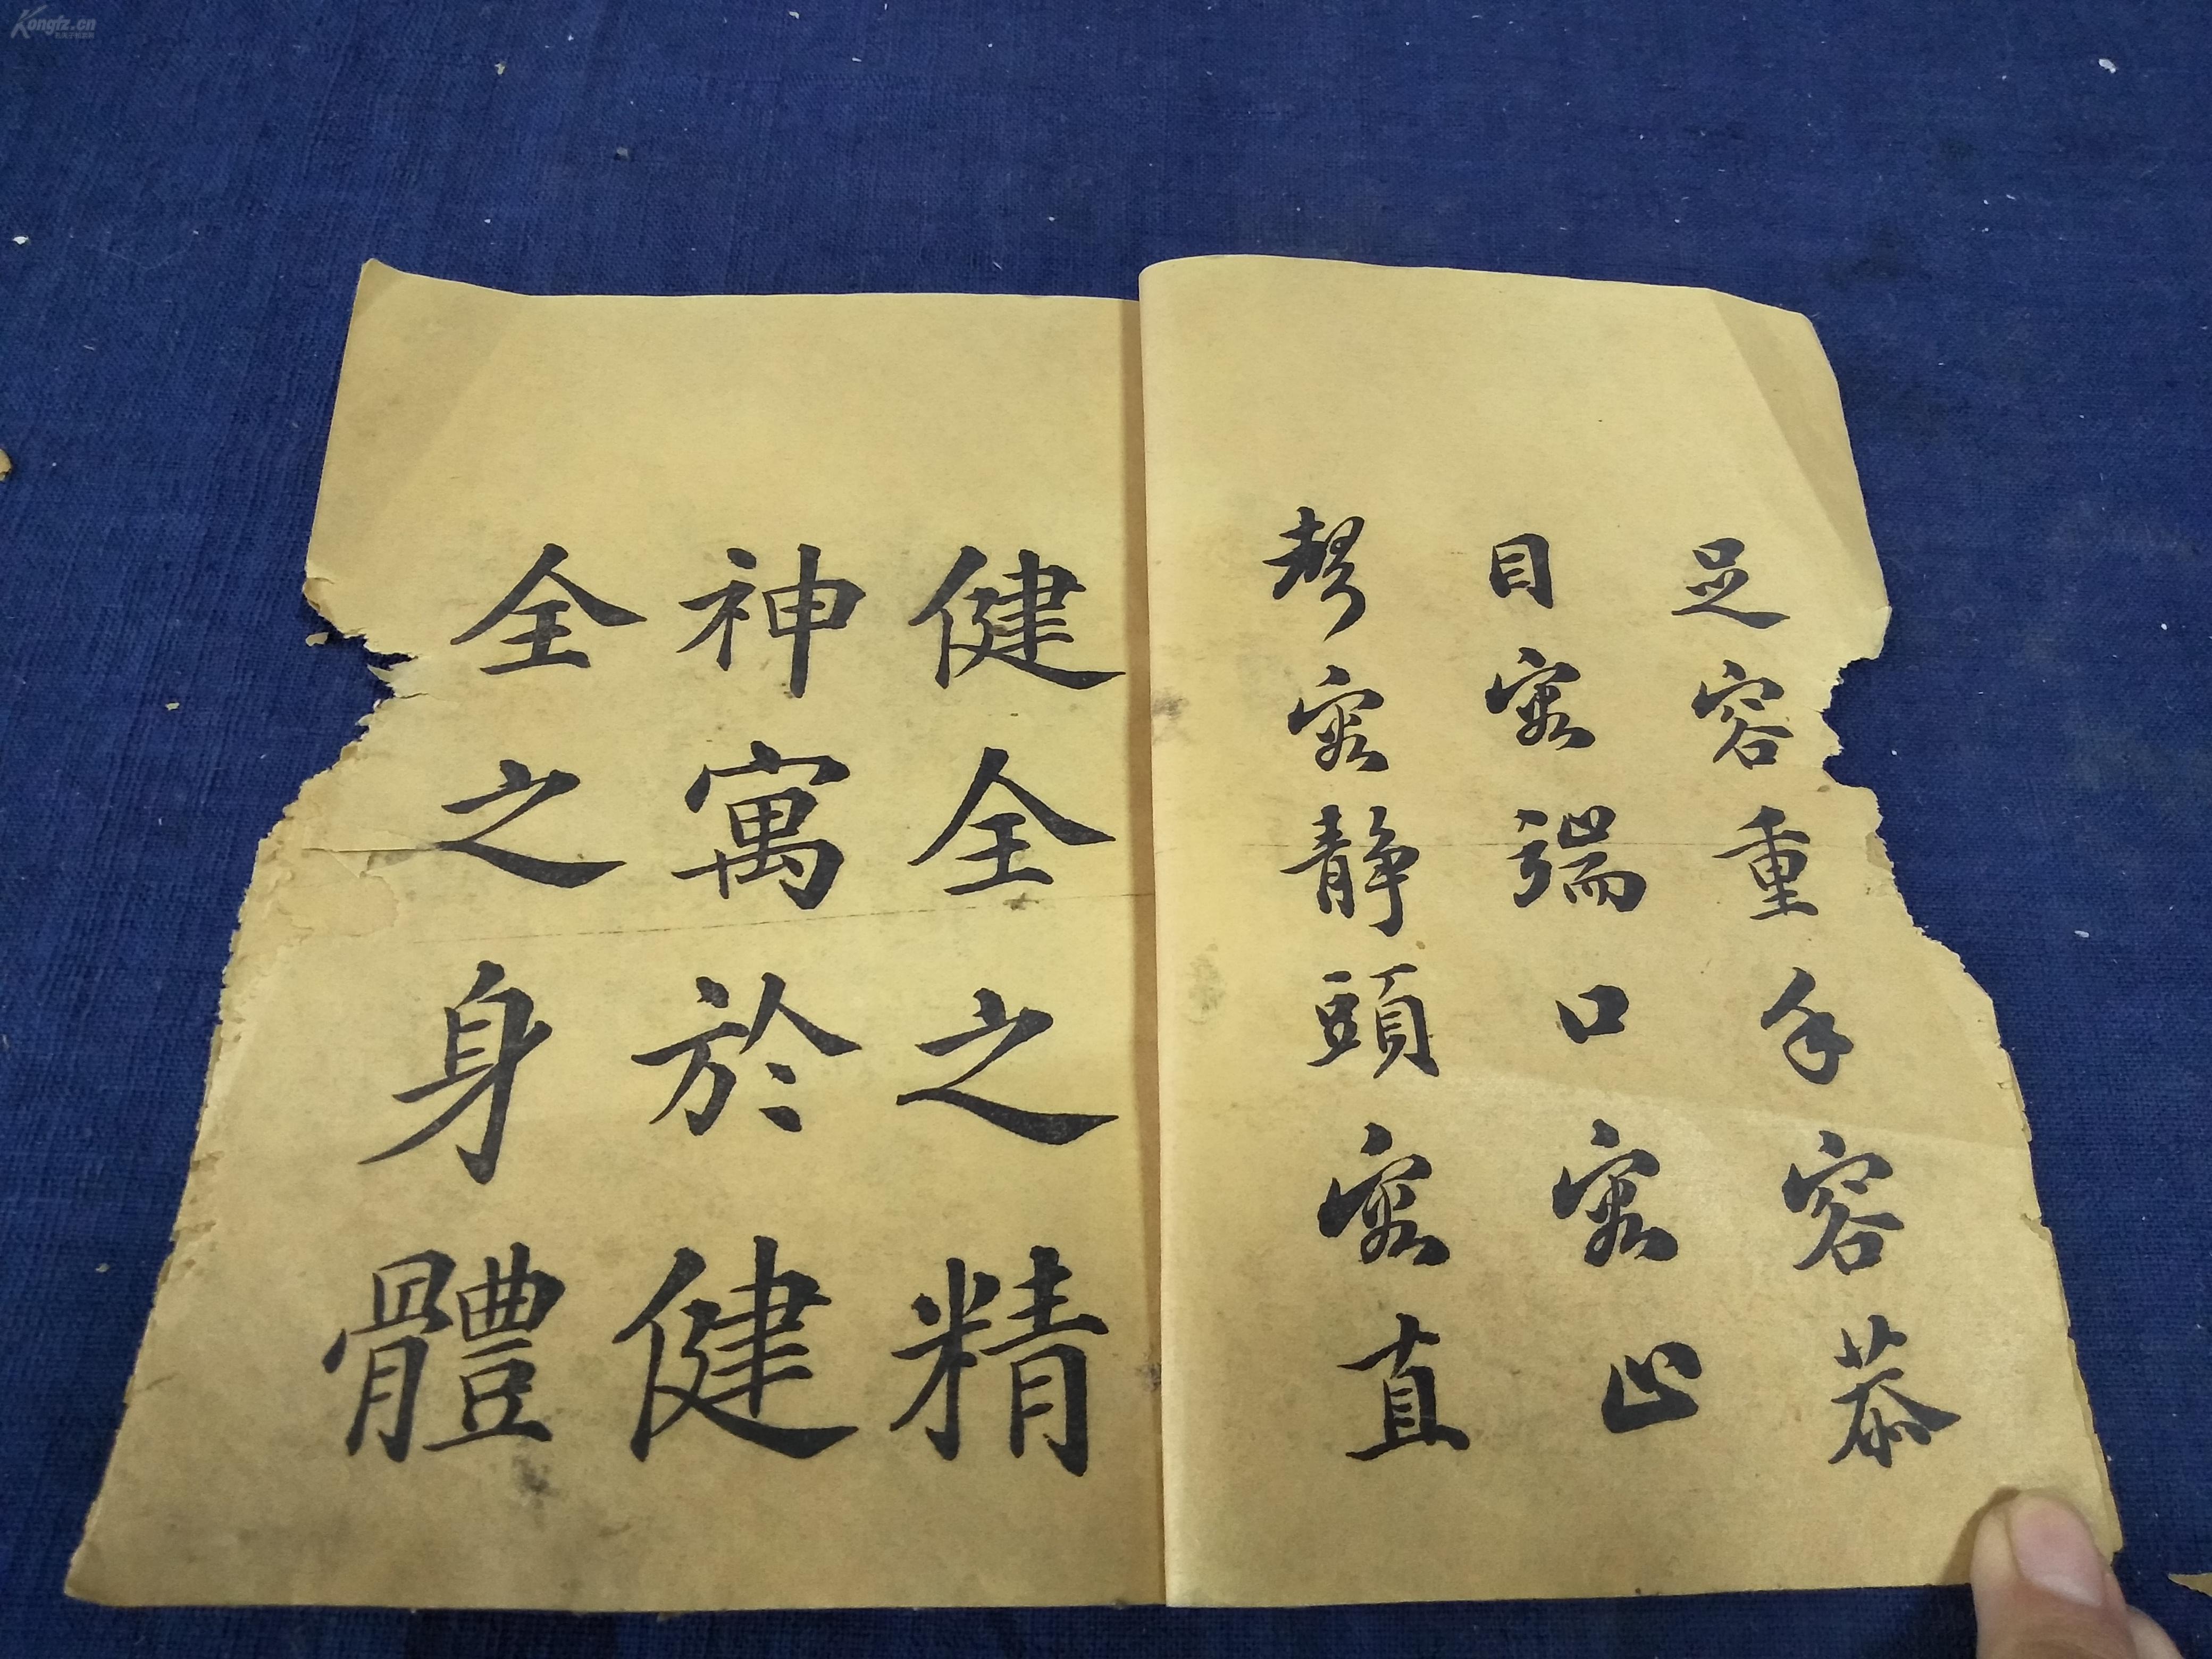 清光绪34年小学学部局《初等板报习字帖》v小学的图书小学环境图片